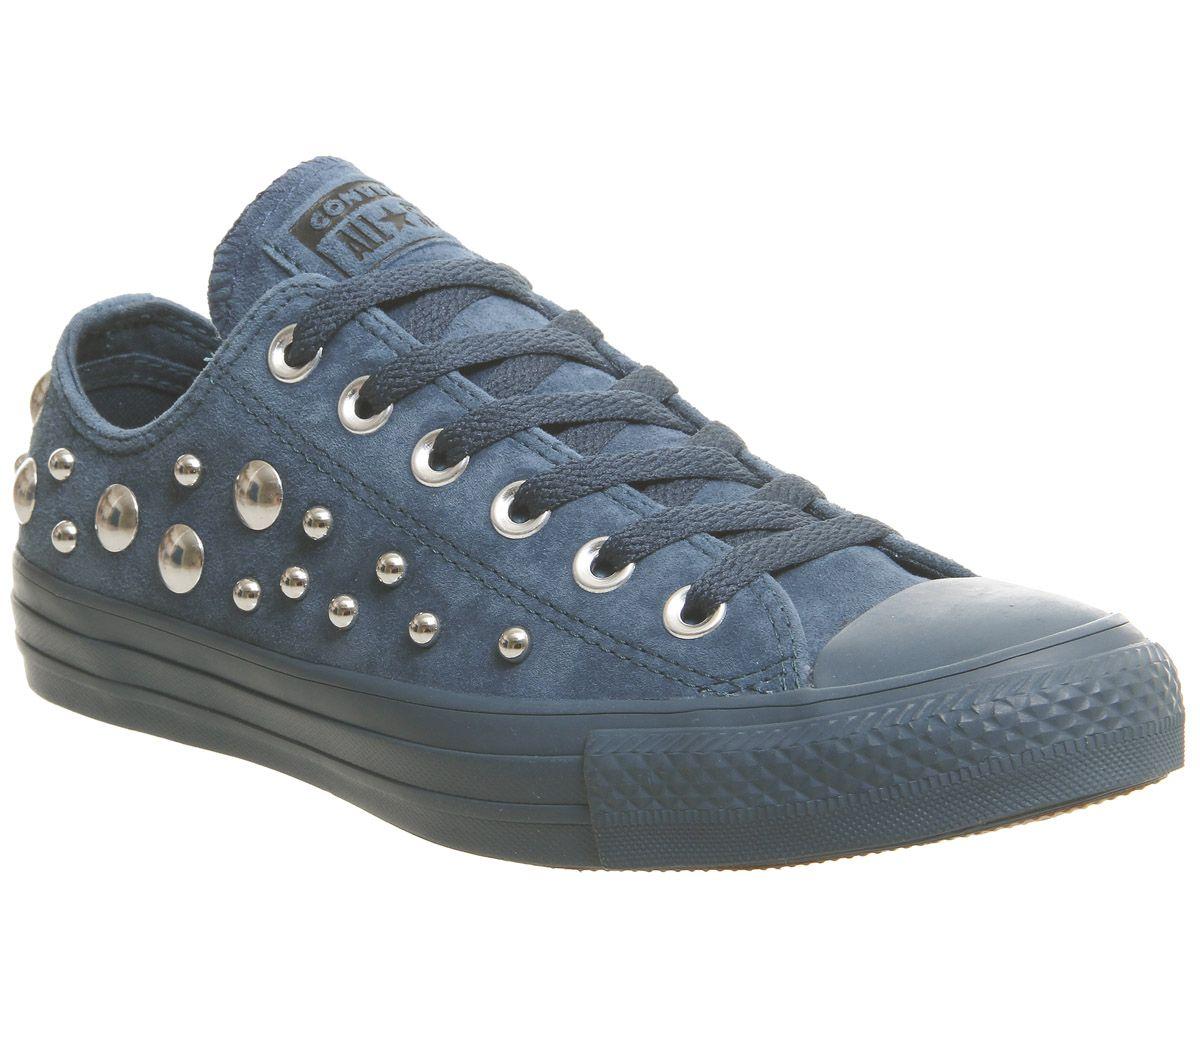 5ca1255e94c Détails sur Chaussures Femme Converse All Star Basses en Cuir Baskets Bleu  sapin Multi Studio Exclusive TR- afficher le titre d origine